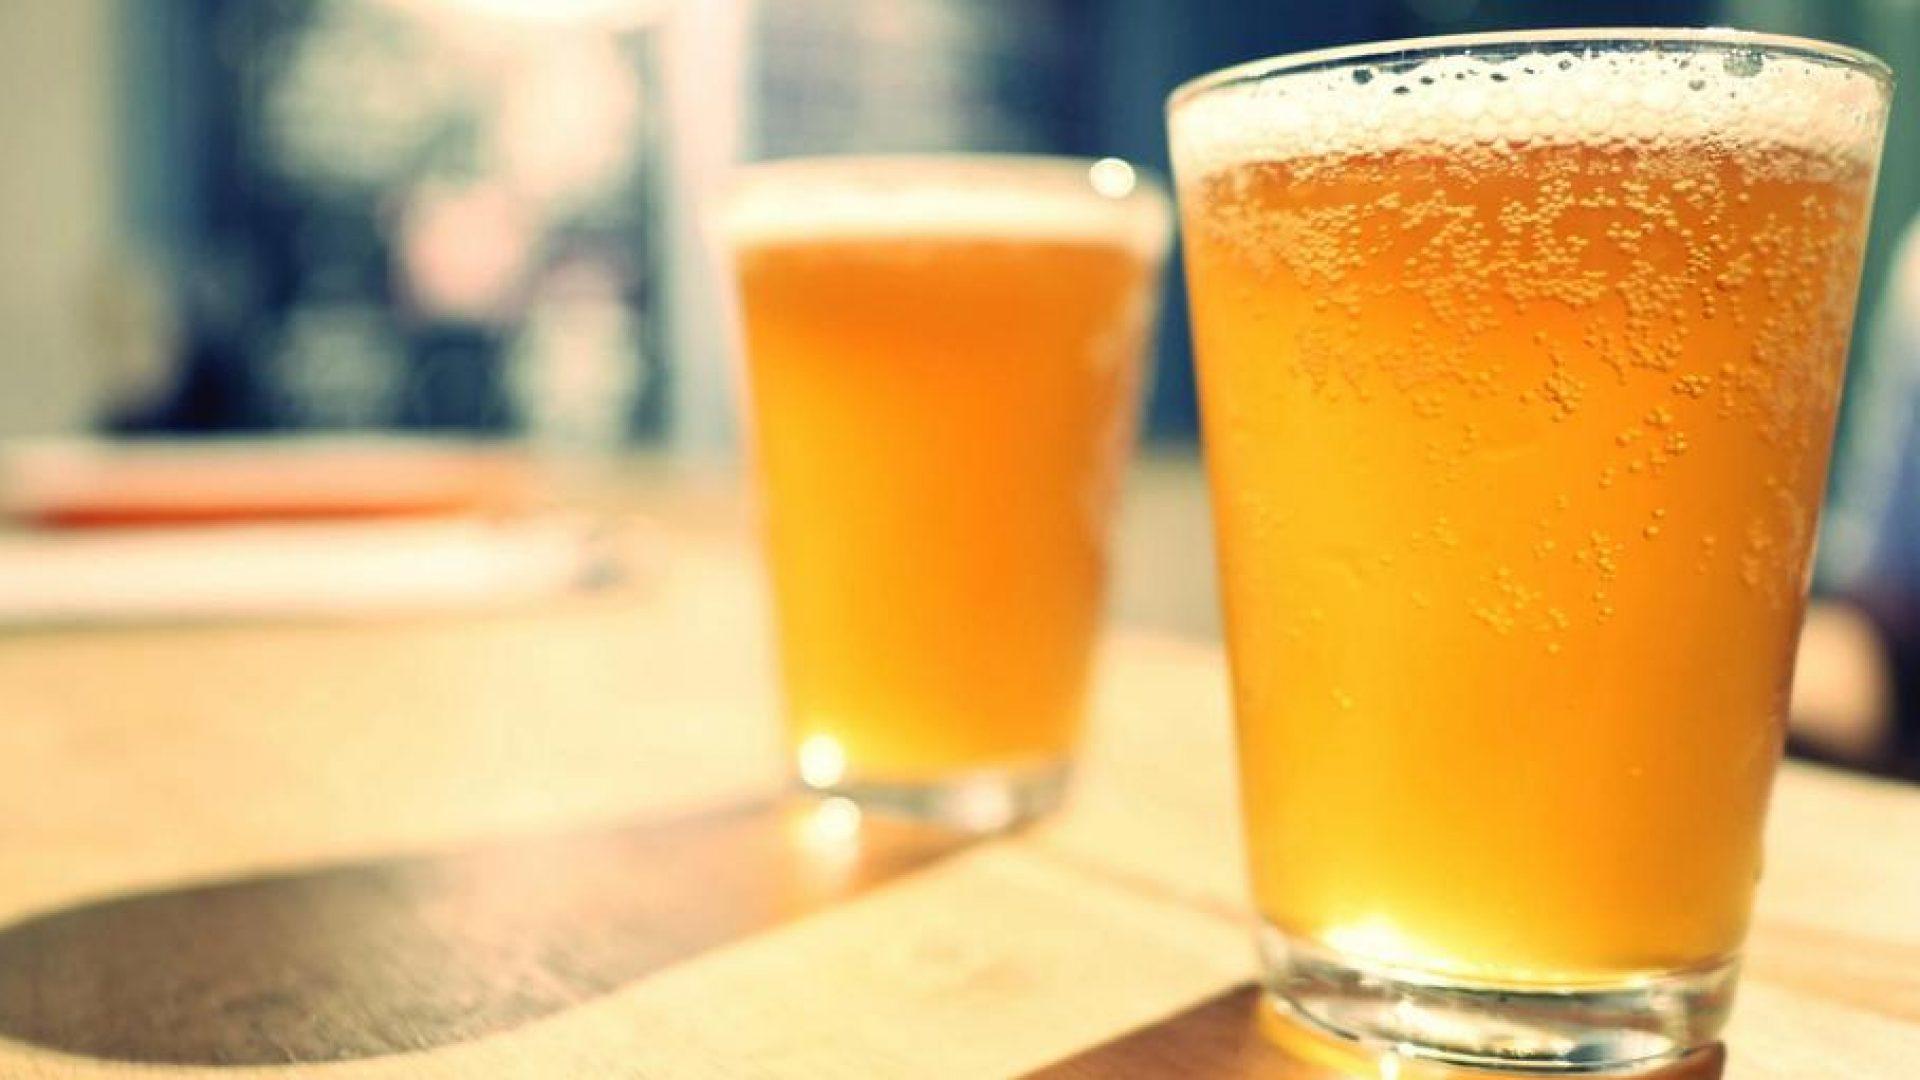 En blogg om öl och allt ölrelaterat - Fatkoll.se